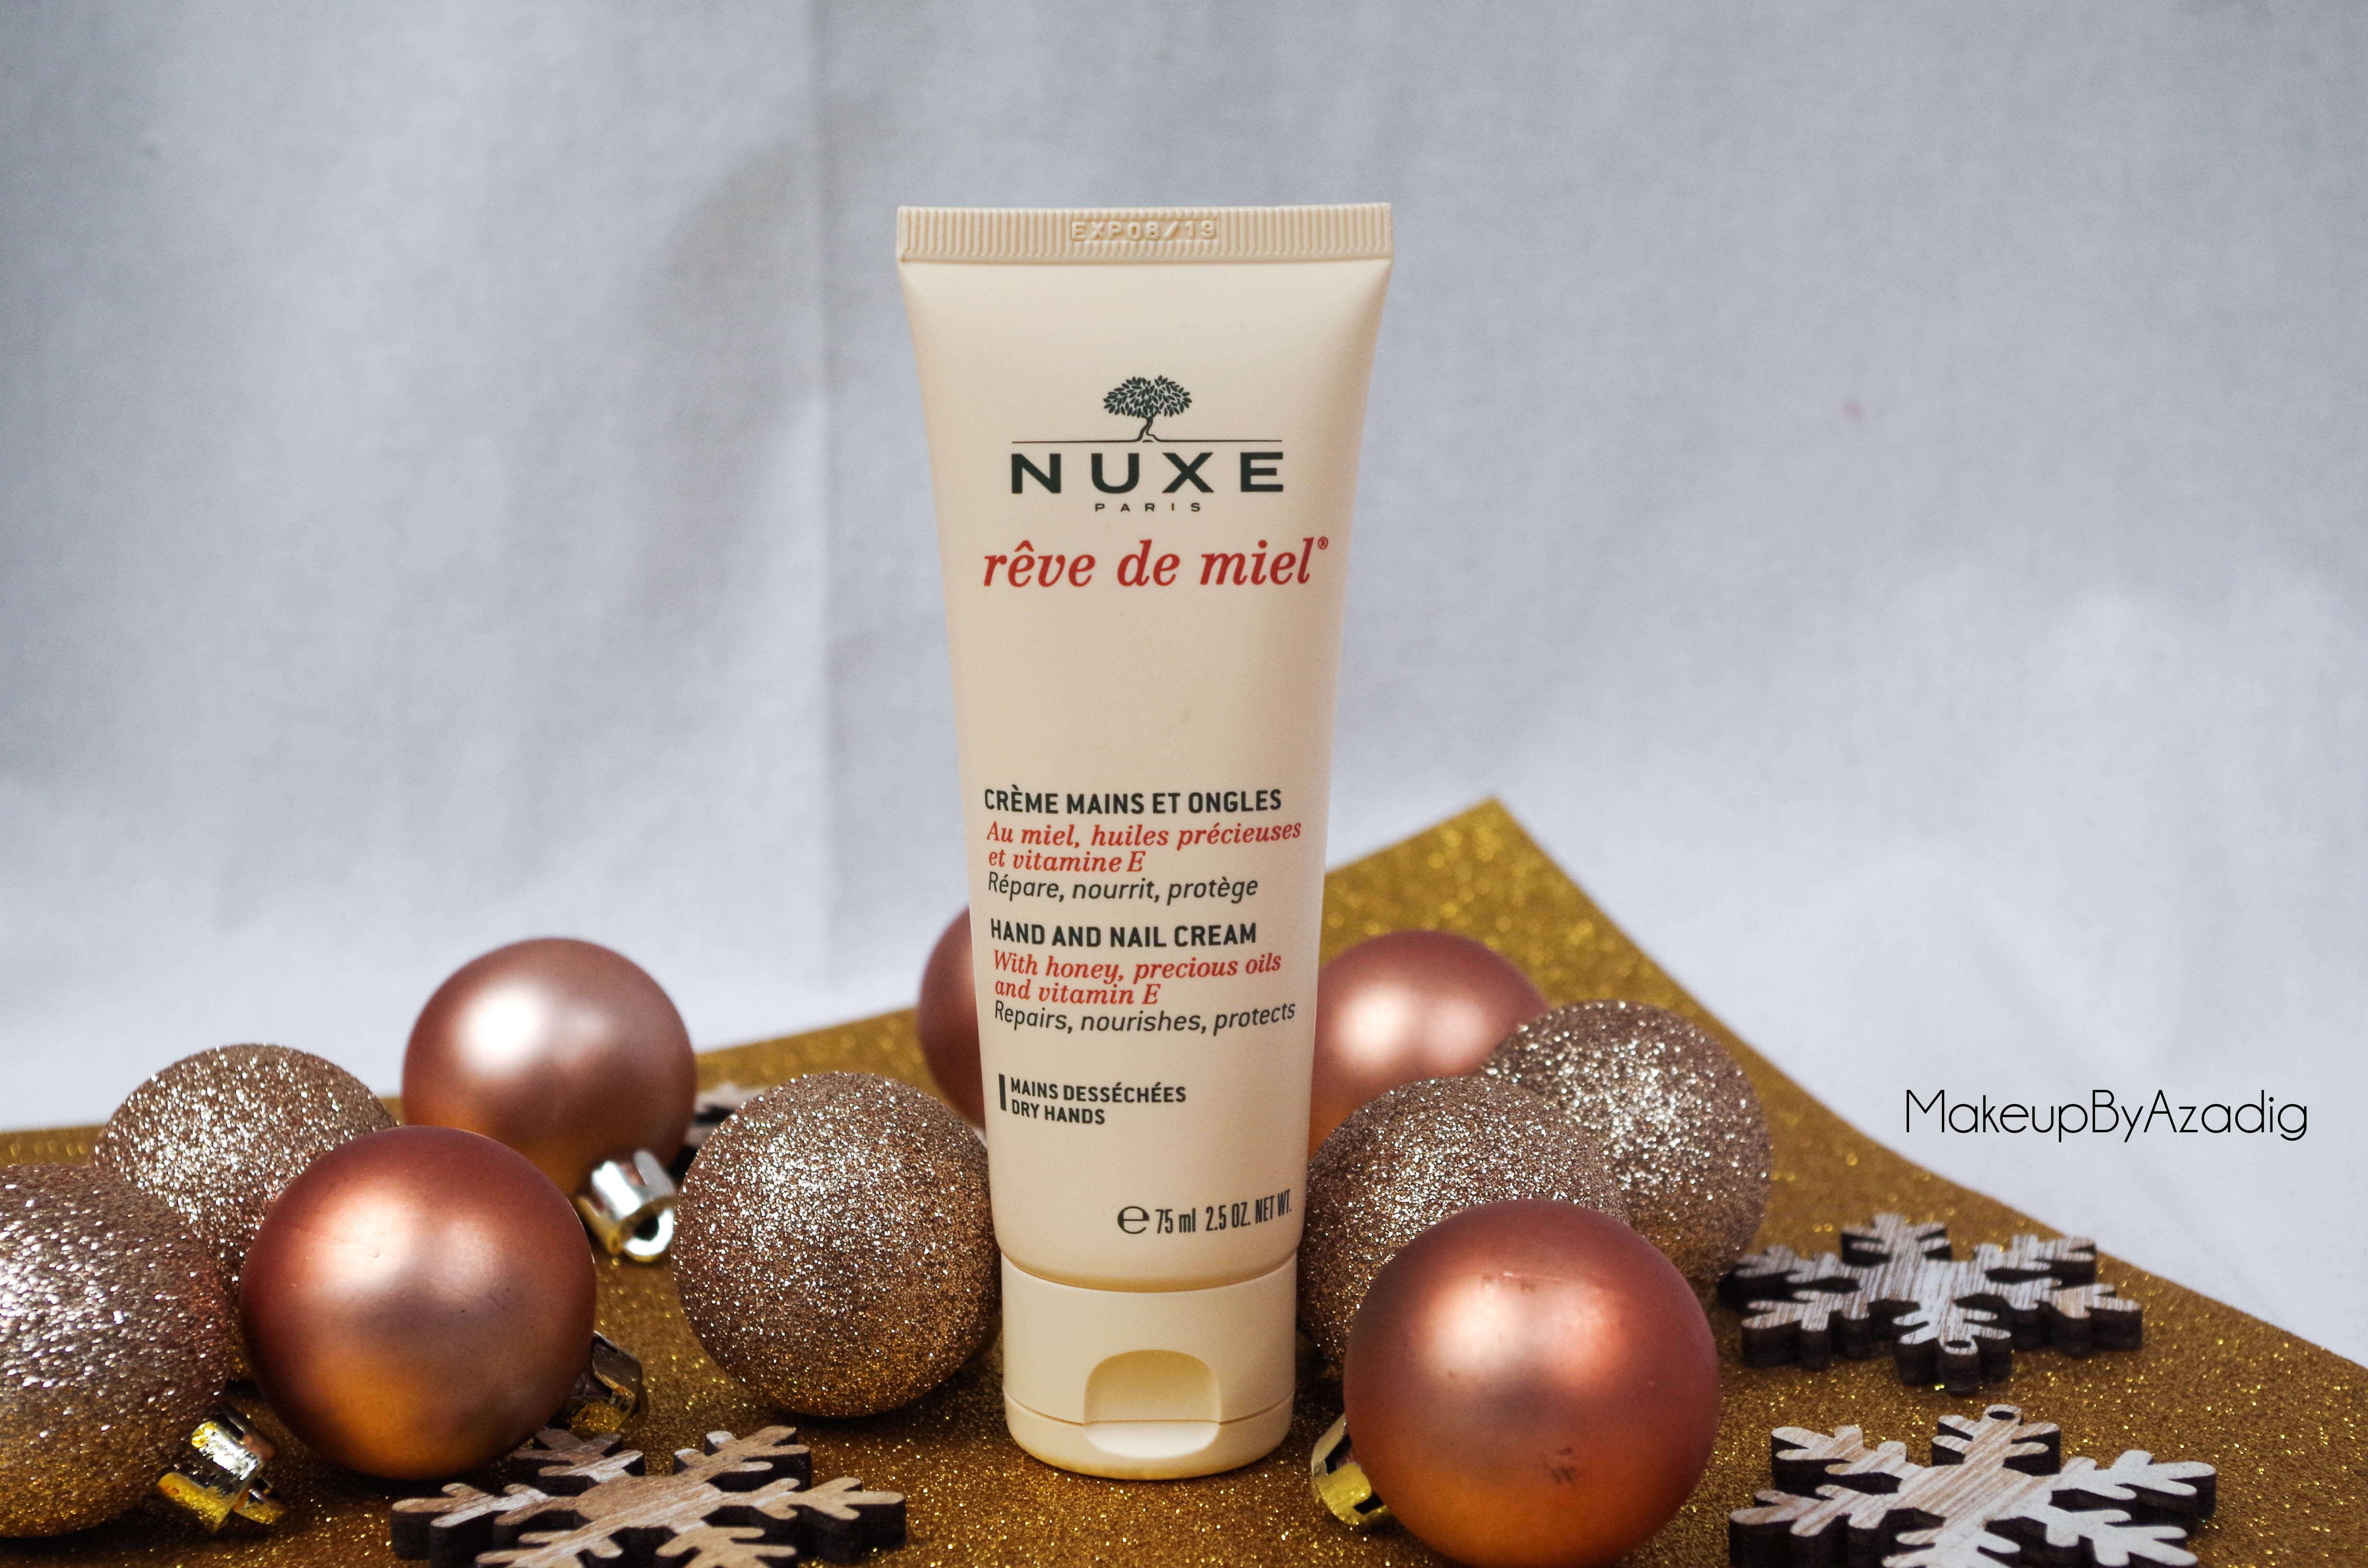 revue-creme-mains-ongles-nuxe-paris-blog-troyes-makeupbyazadig-reve-de-miel-aube